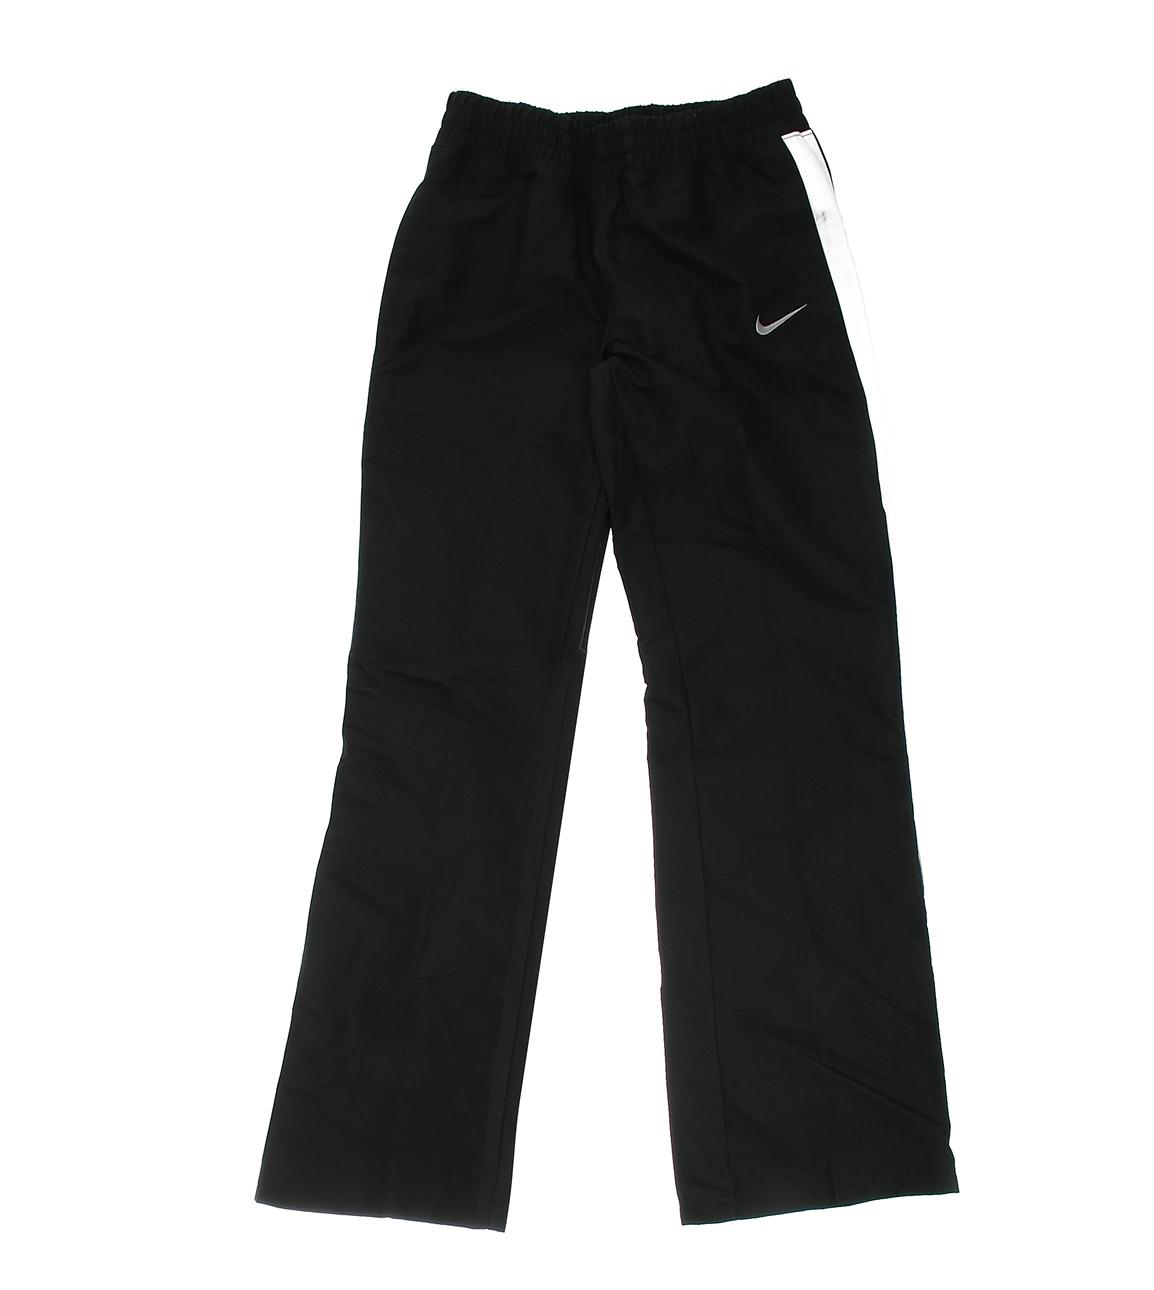 Nike Eşofman Takımı M 5001952475003 Ürün Resmi